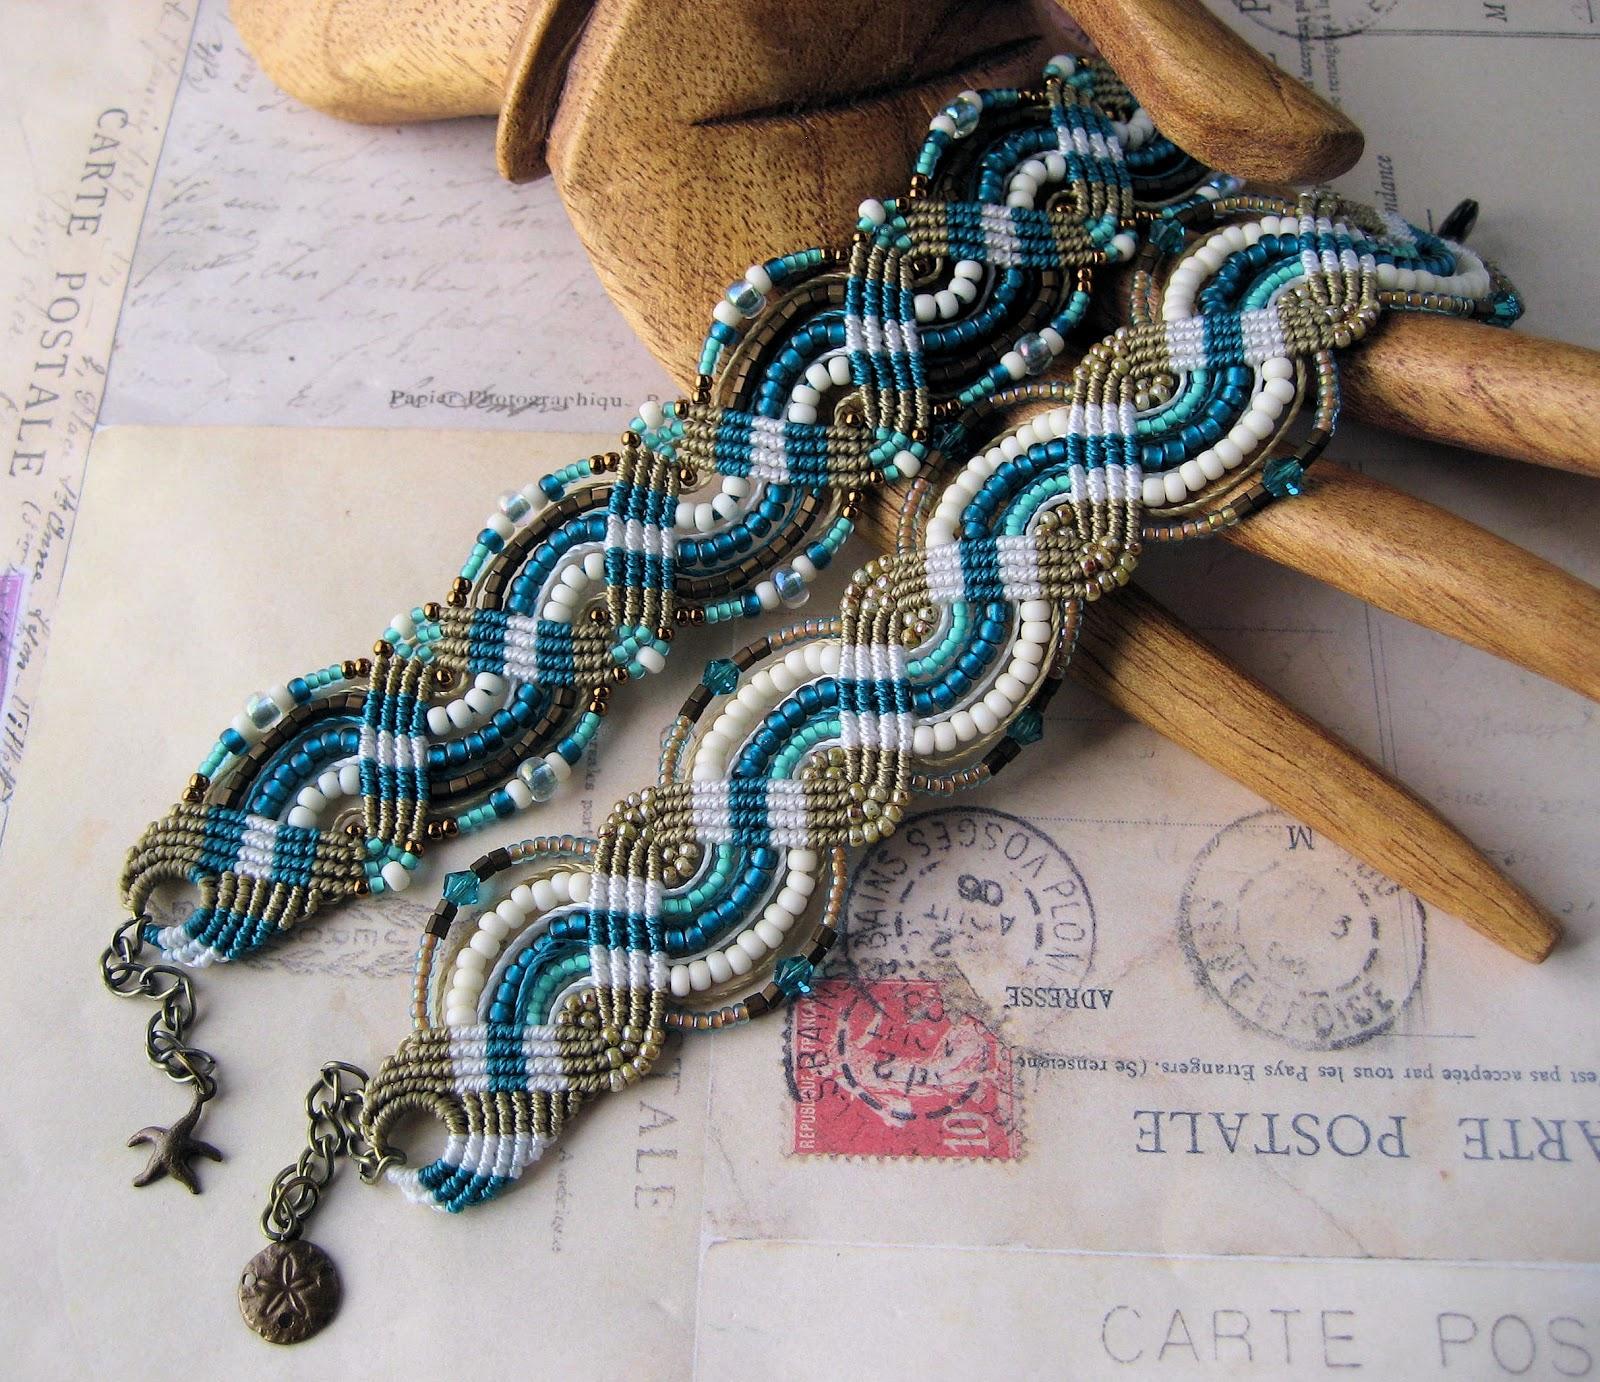 Learn How to Make Hemp Jewelry | Hemp Jewellery - Pinterest